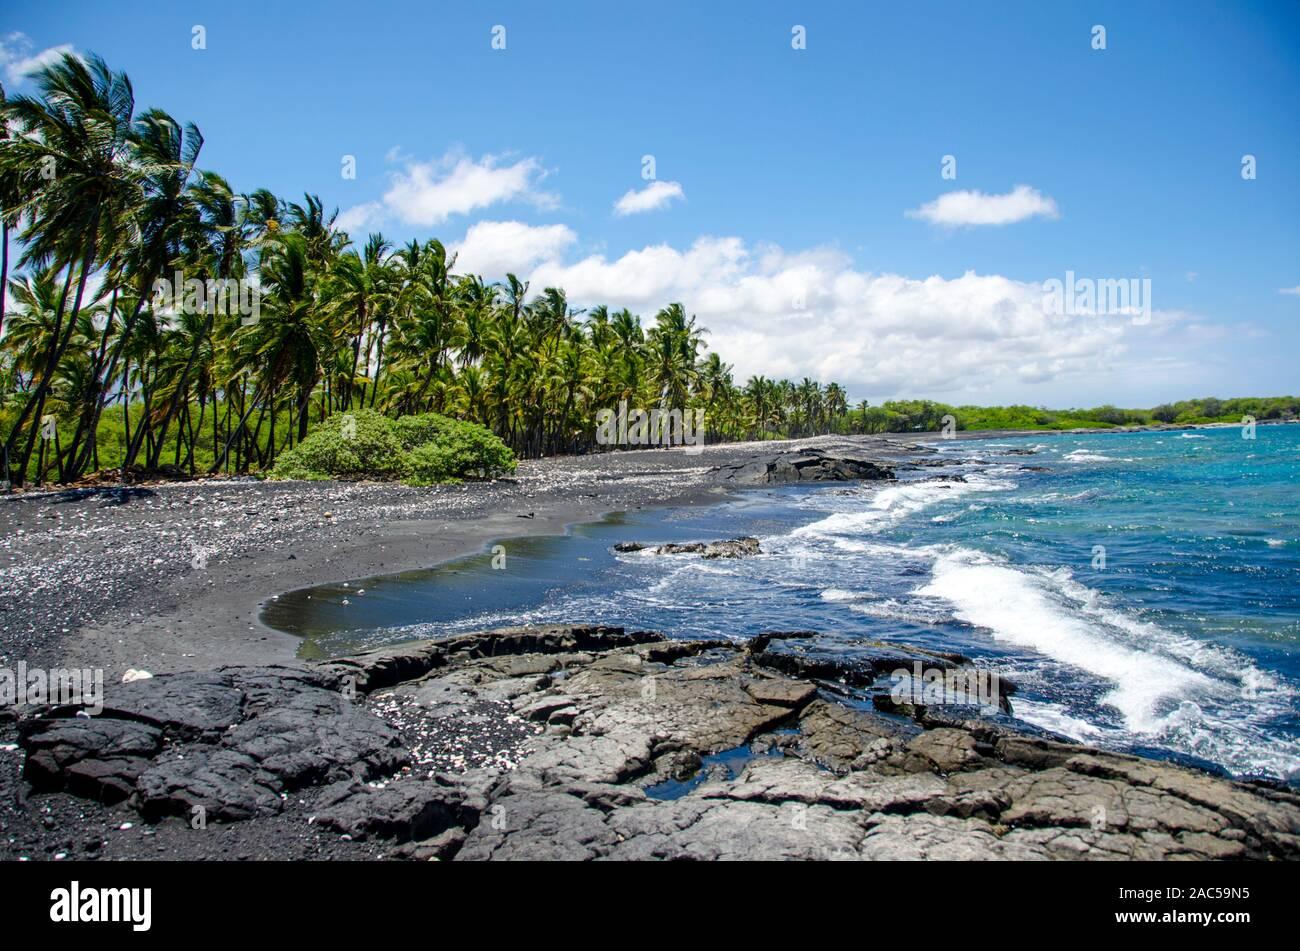 Mirando hacia el sur a lo largo de la mayoría de la playa de arena negra de Keawaiki Bay, al norte de kona, Hawai'i, una isla de 1859 erupción del volcán Mauna Loa fluyó en esta área, w Foto de stock